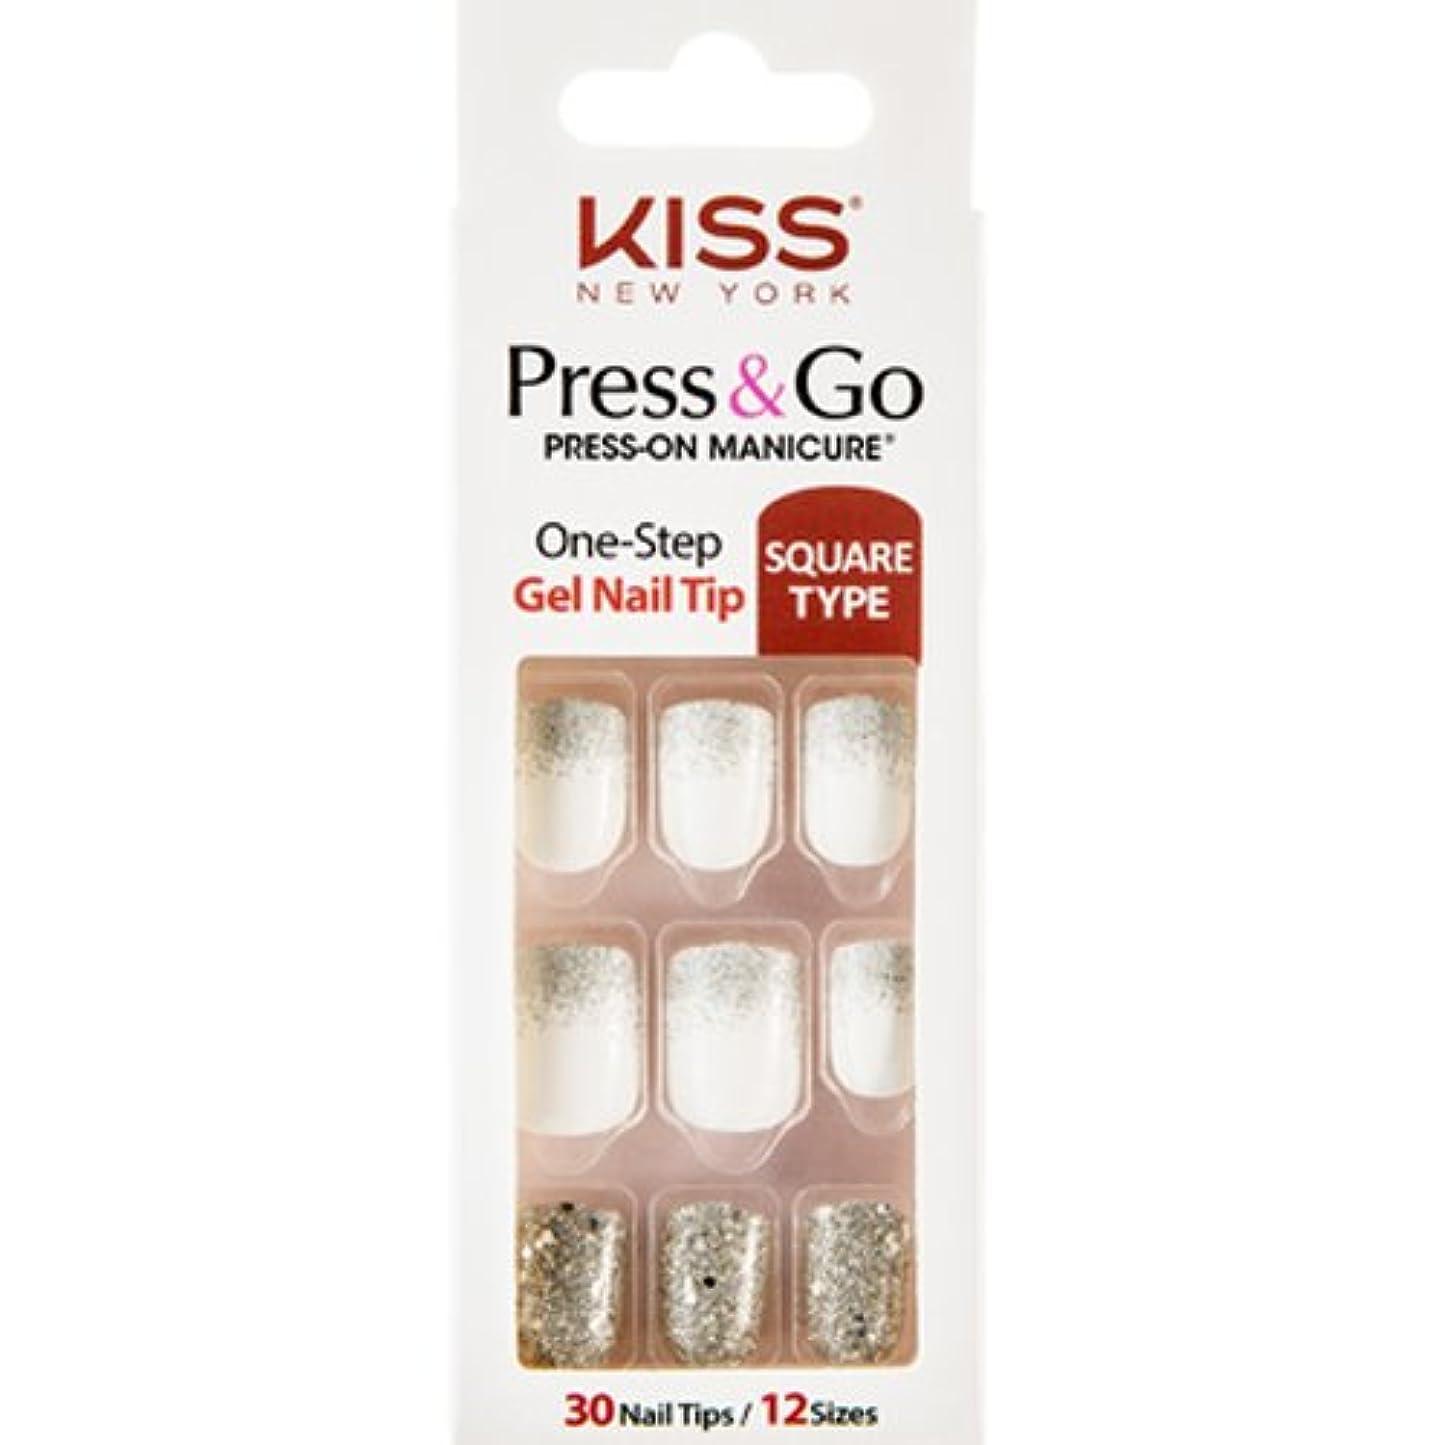 用量ロデオ細菌[KISSNEWYORK]キスニューヨークプレスアンドゴーホワイトシルバーパールグラデーション(スクエアタイプ)/1秒成形ネイルPNG01K付けるネイルPRESS&GO PRESS-ON MANICURE One-Step Gel Nail Tip/SQUARE TYPE